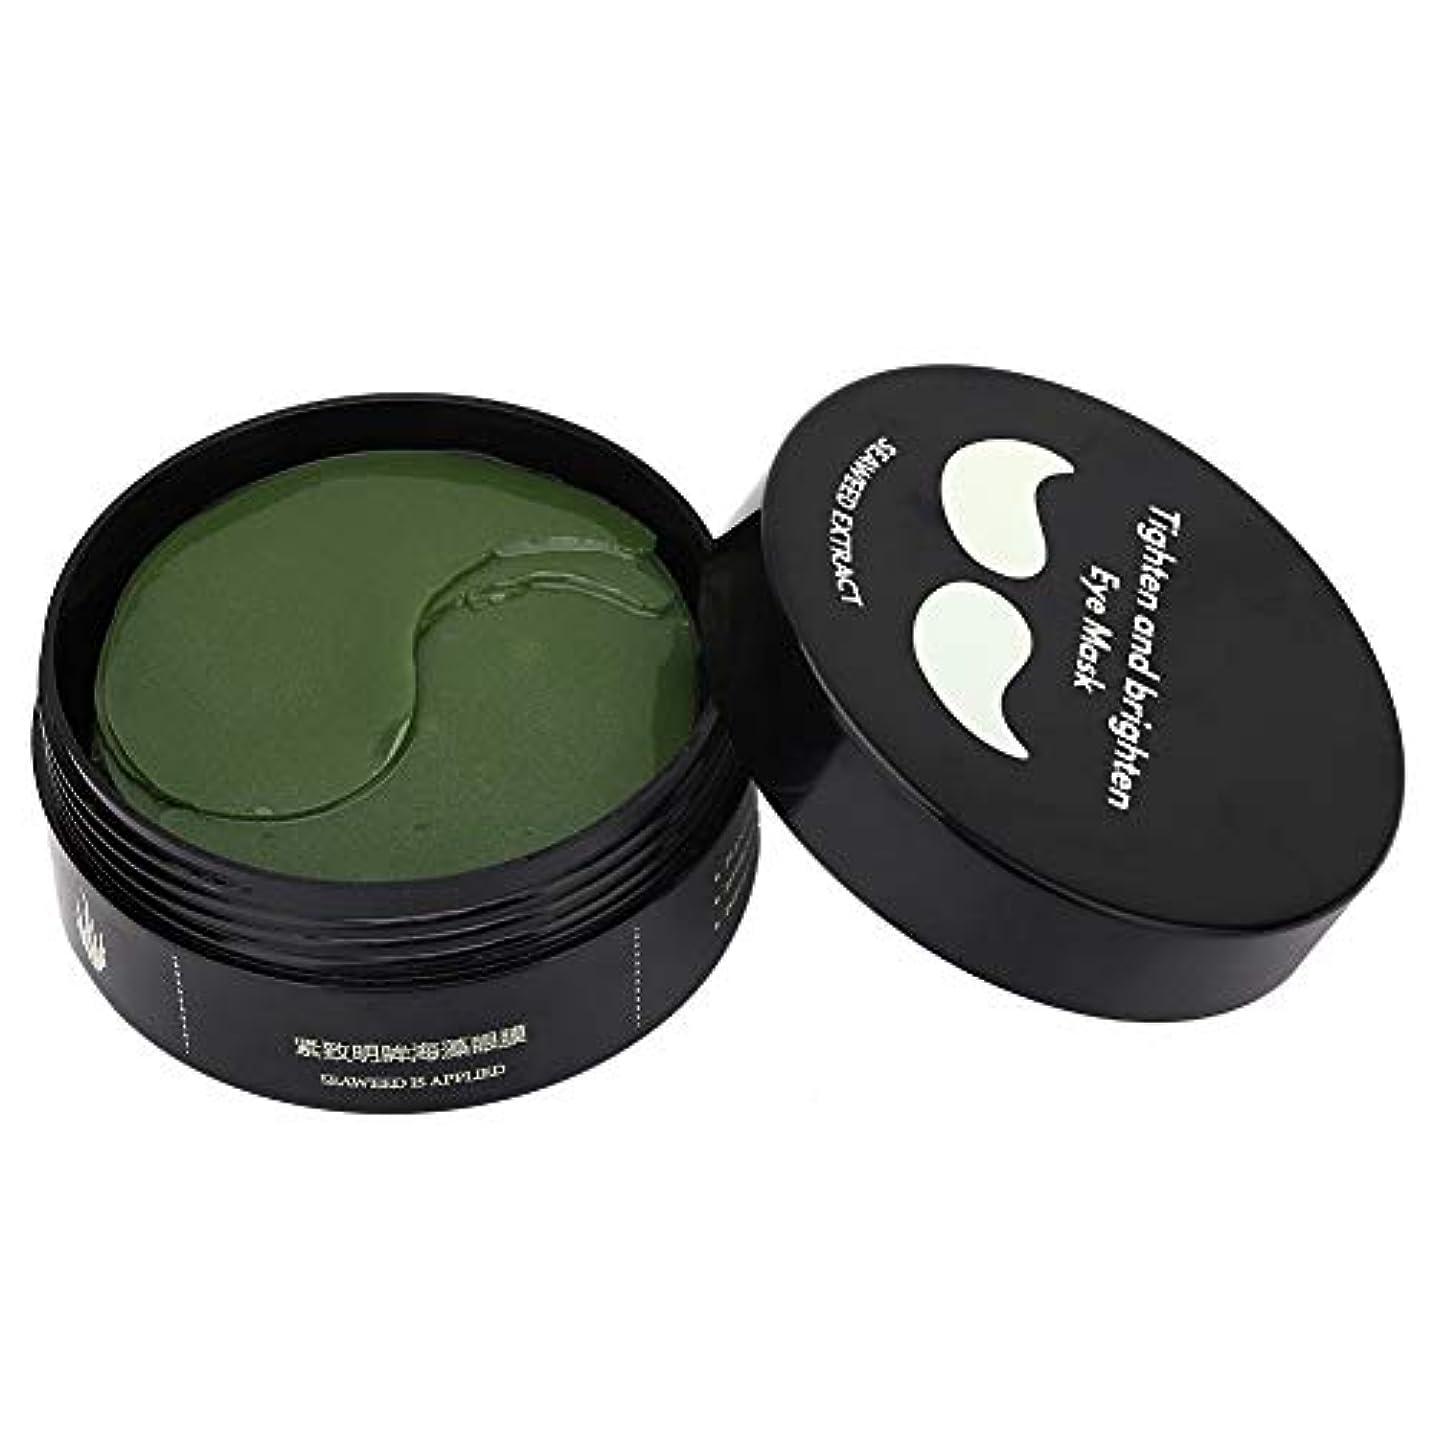 免除する生態学おじいちゃんアイジェルマスク、60個/箱緑藻アイジェルマスクしわ防止しわくちゃダークサークル保湿引き締めパット产品標题(タイトル):